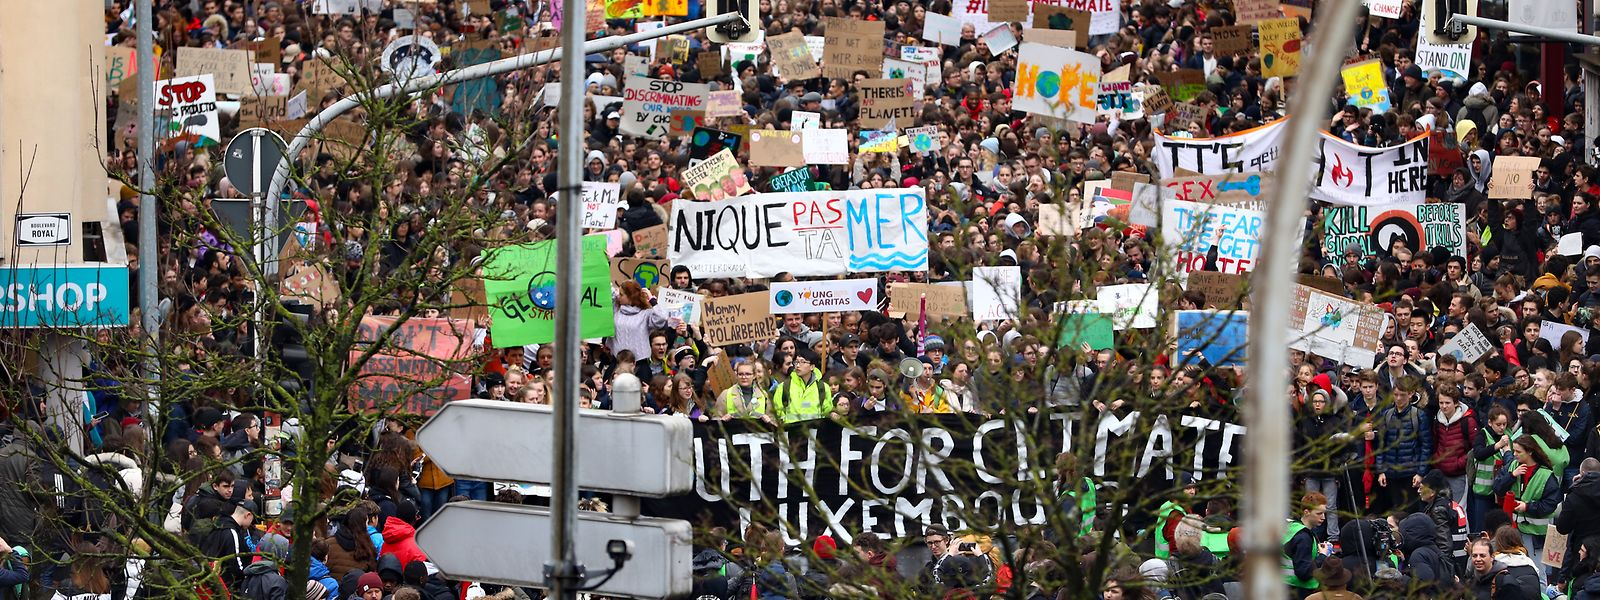 """Tausende Schüler in Luxemburg schließen sich der Bewegung """"Fridays for Future"""" an und senden eine klare Botschaft an die Politik."""